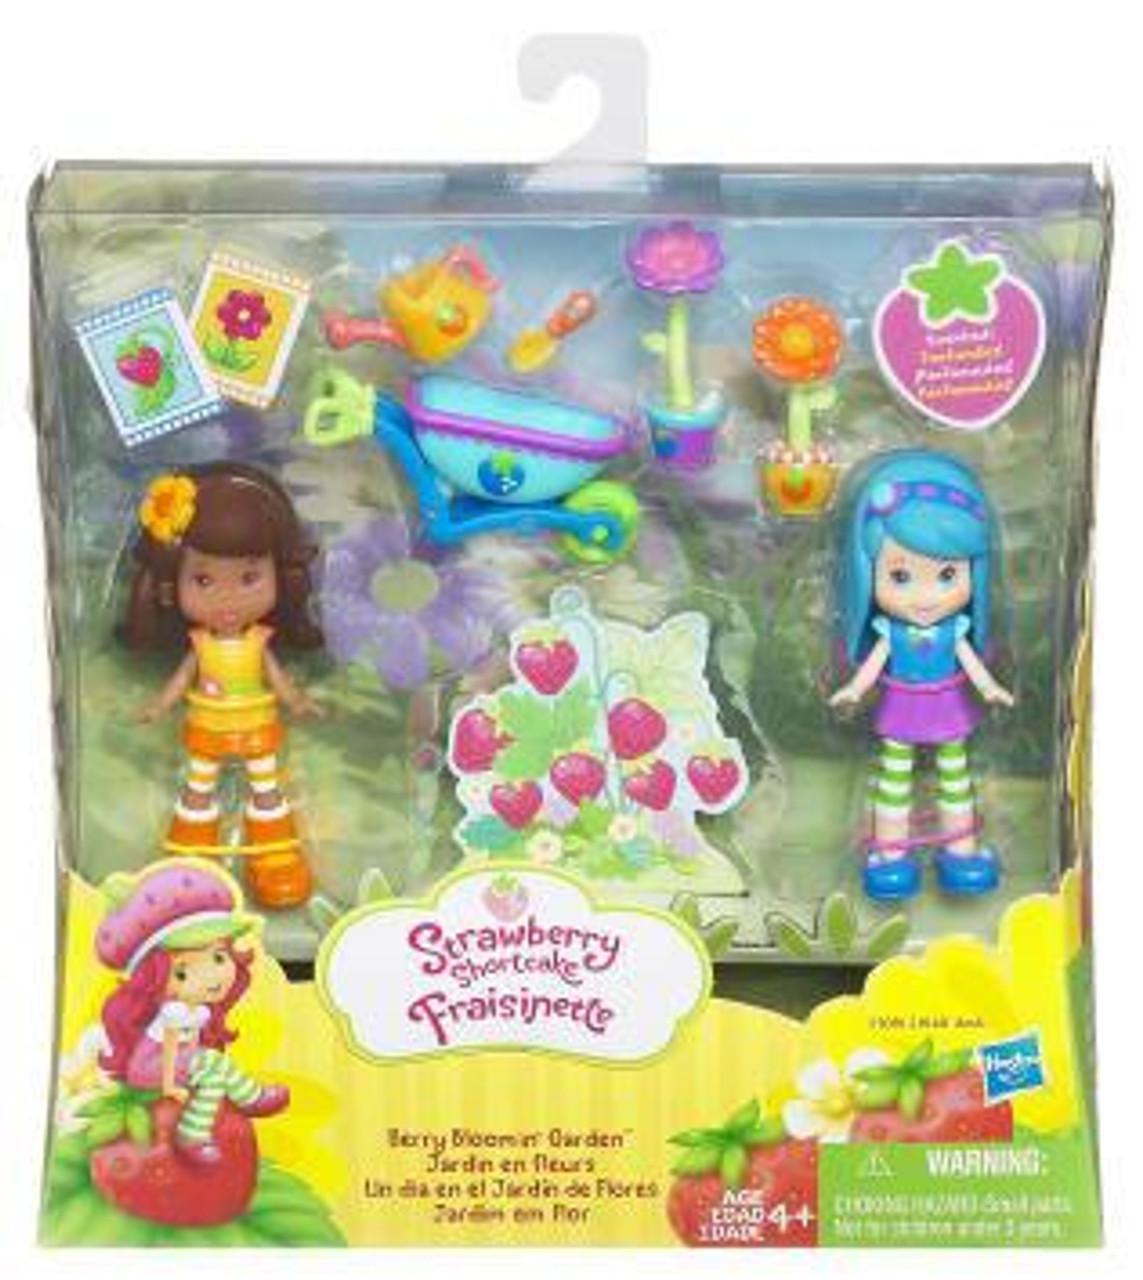 Strawberry Shortcake Fraisinette Berry Bloomin' Garden Mini Figure 2-Pack